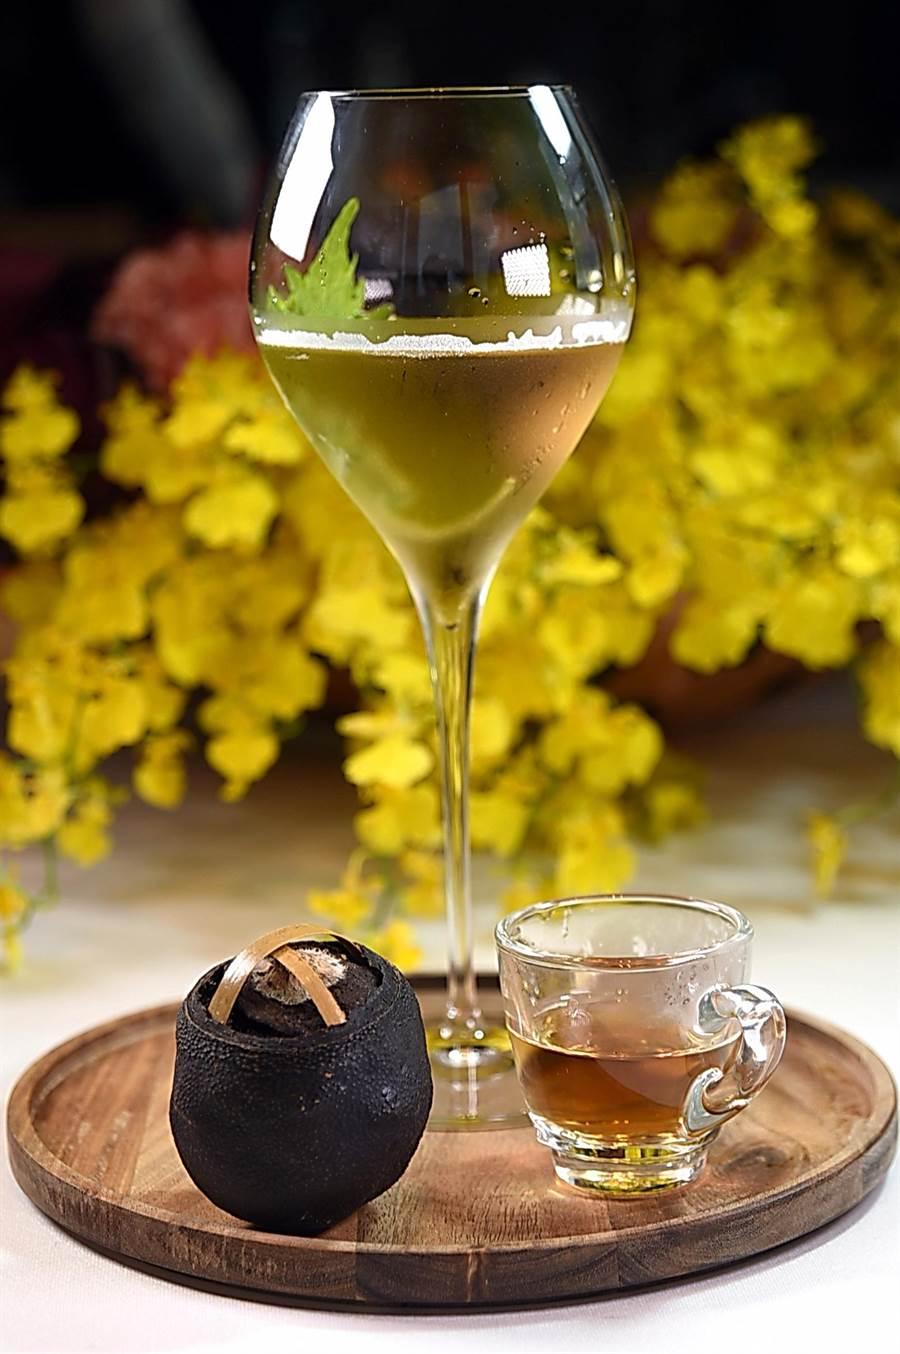 以不同中國茶佐各式中式美餚,到〈SHINPUYUAN新葡苑四十六〉款待外國友人可讓對方了解中華飲食文化。(圖/姚舜)